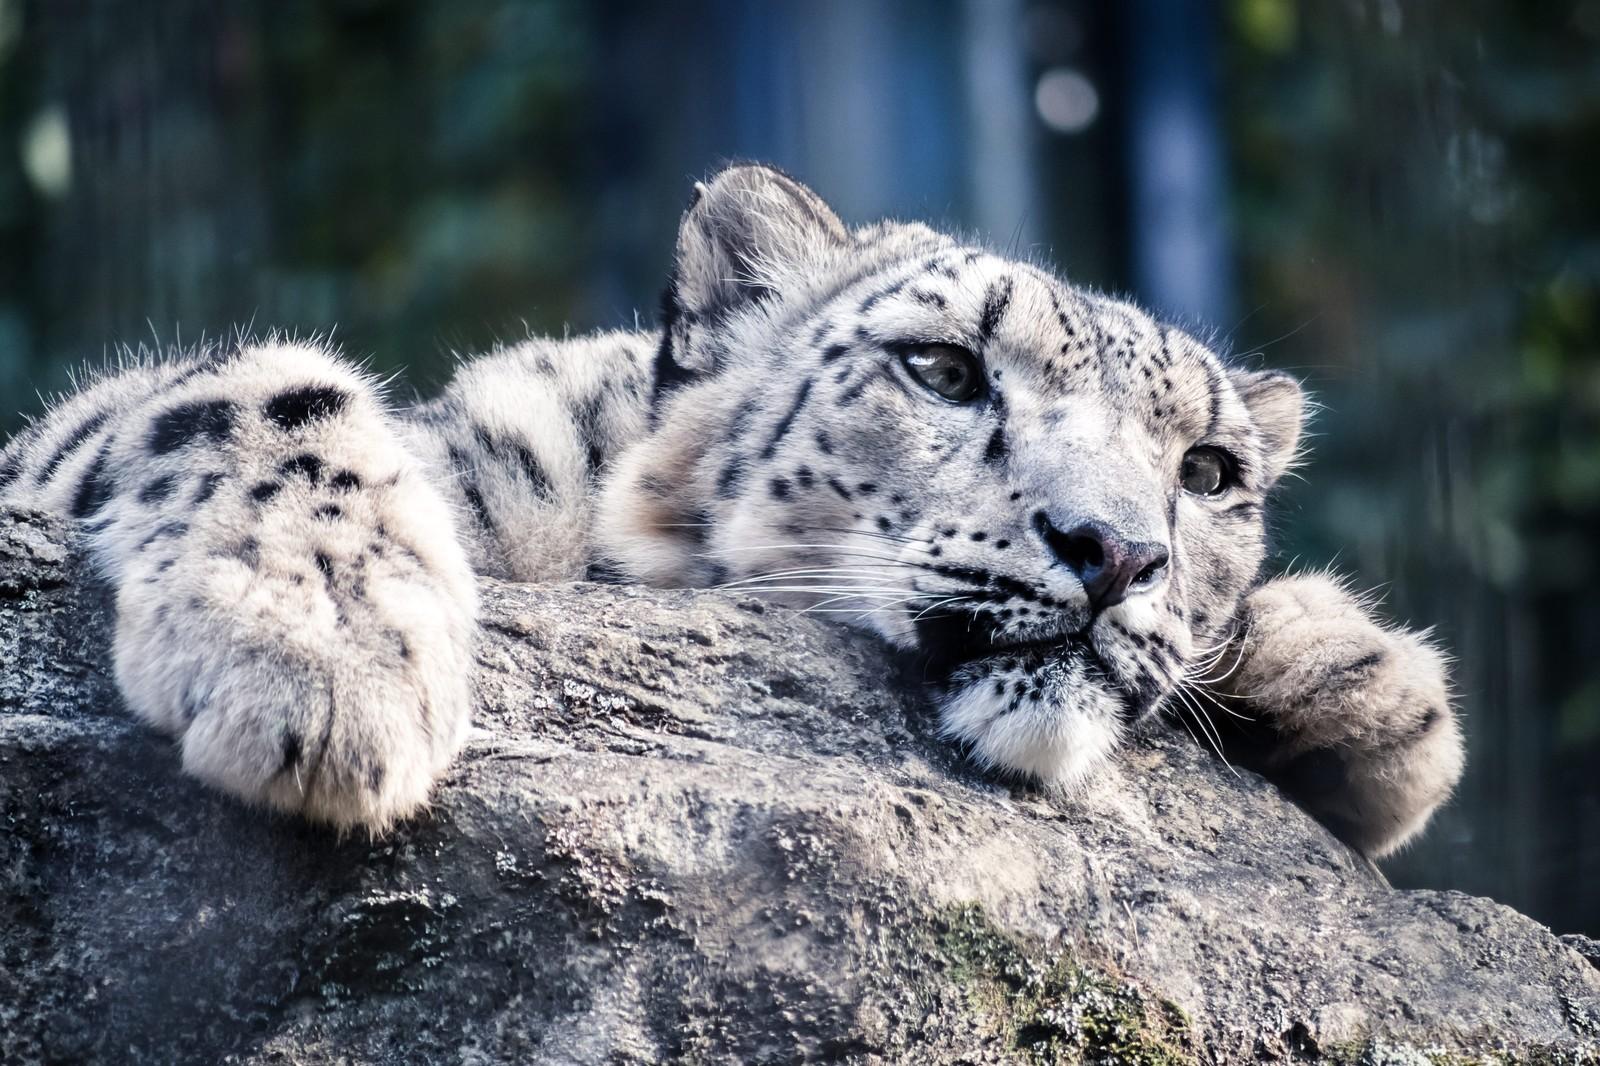 【おでかけ】はじめての多摩動物公園【かわうそ】